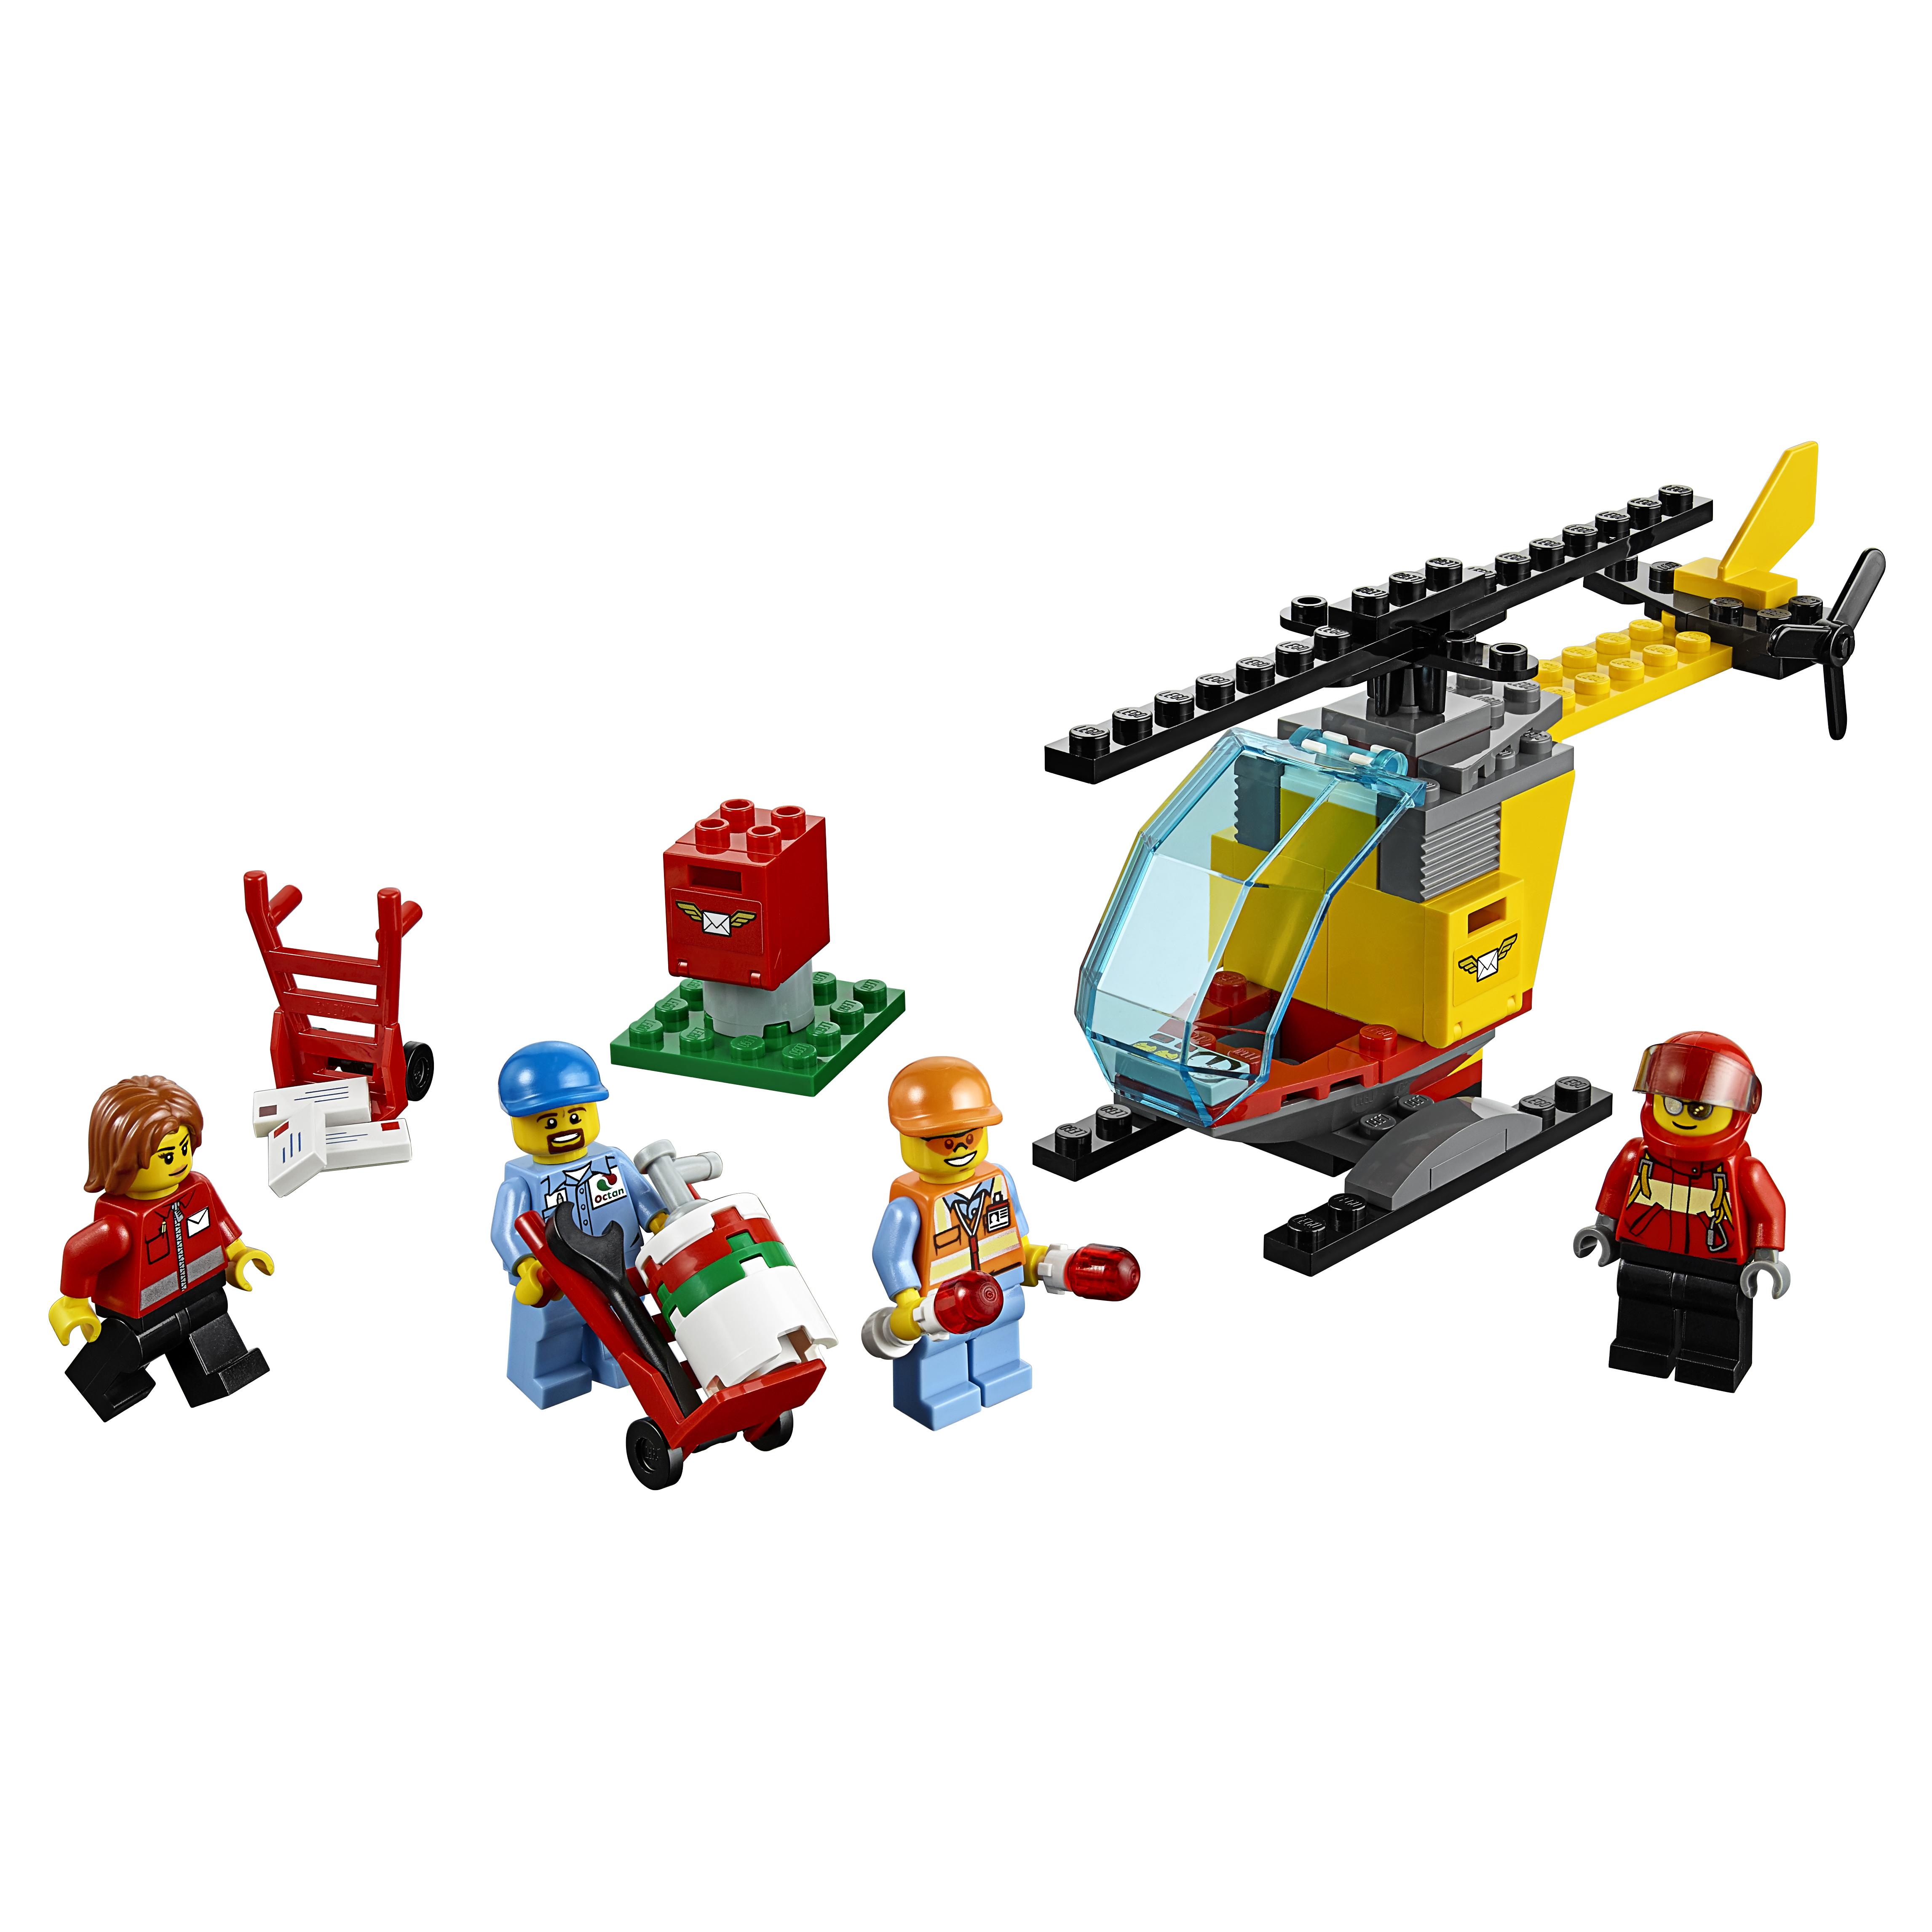 Купить Конструктор lego city airport набор для начинающих аэропорт 60100, Конструктор LEGO City Airport Набор для начинающих Аэропорт (60100),